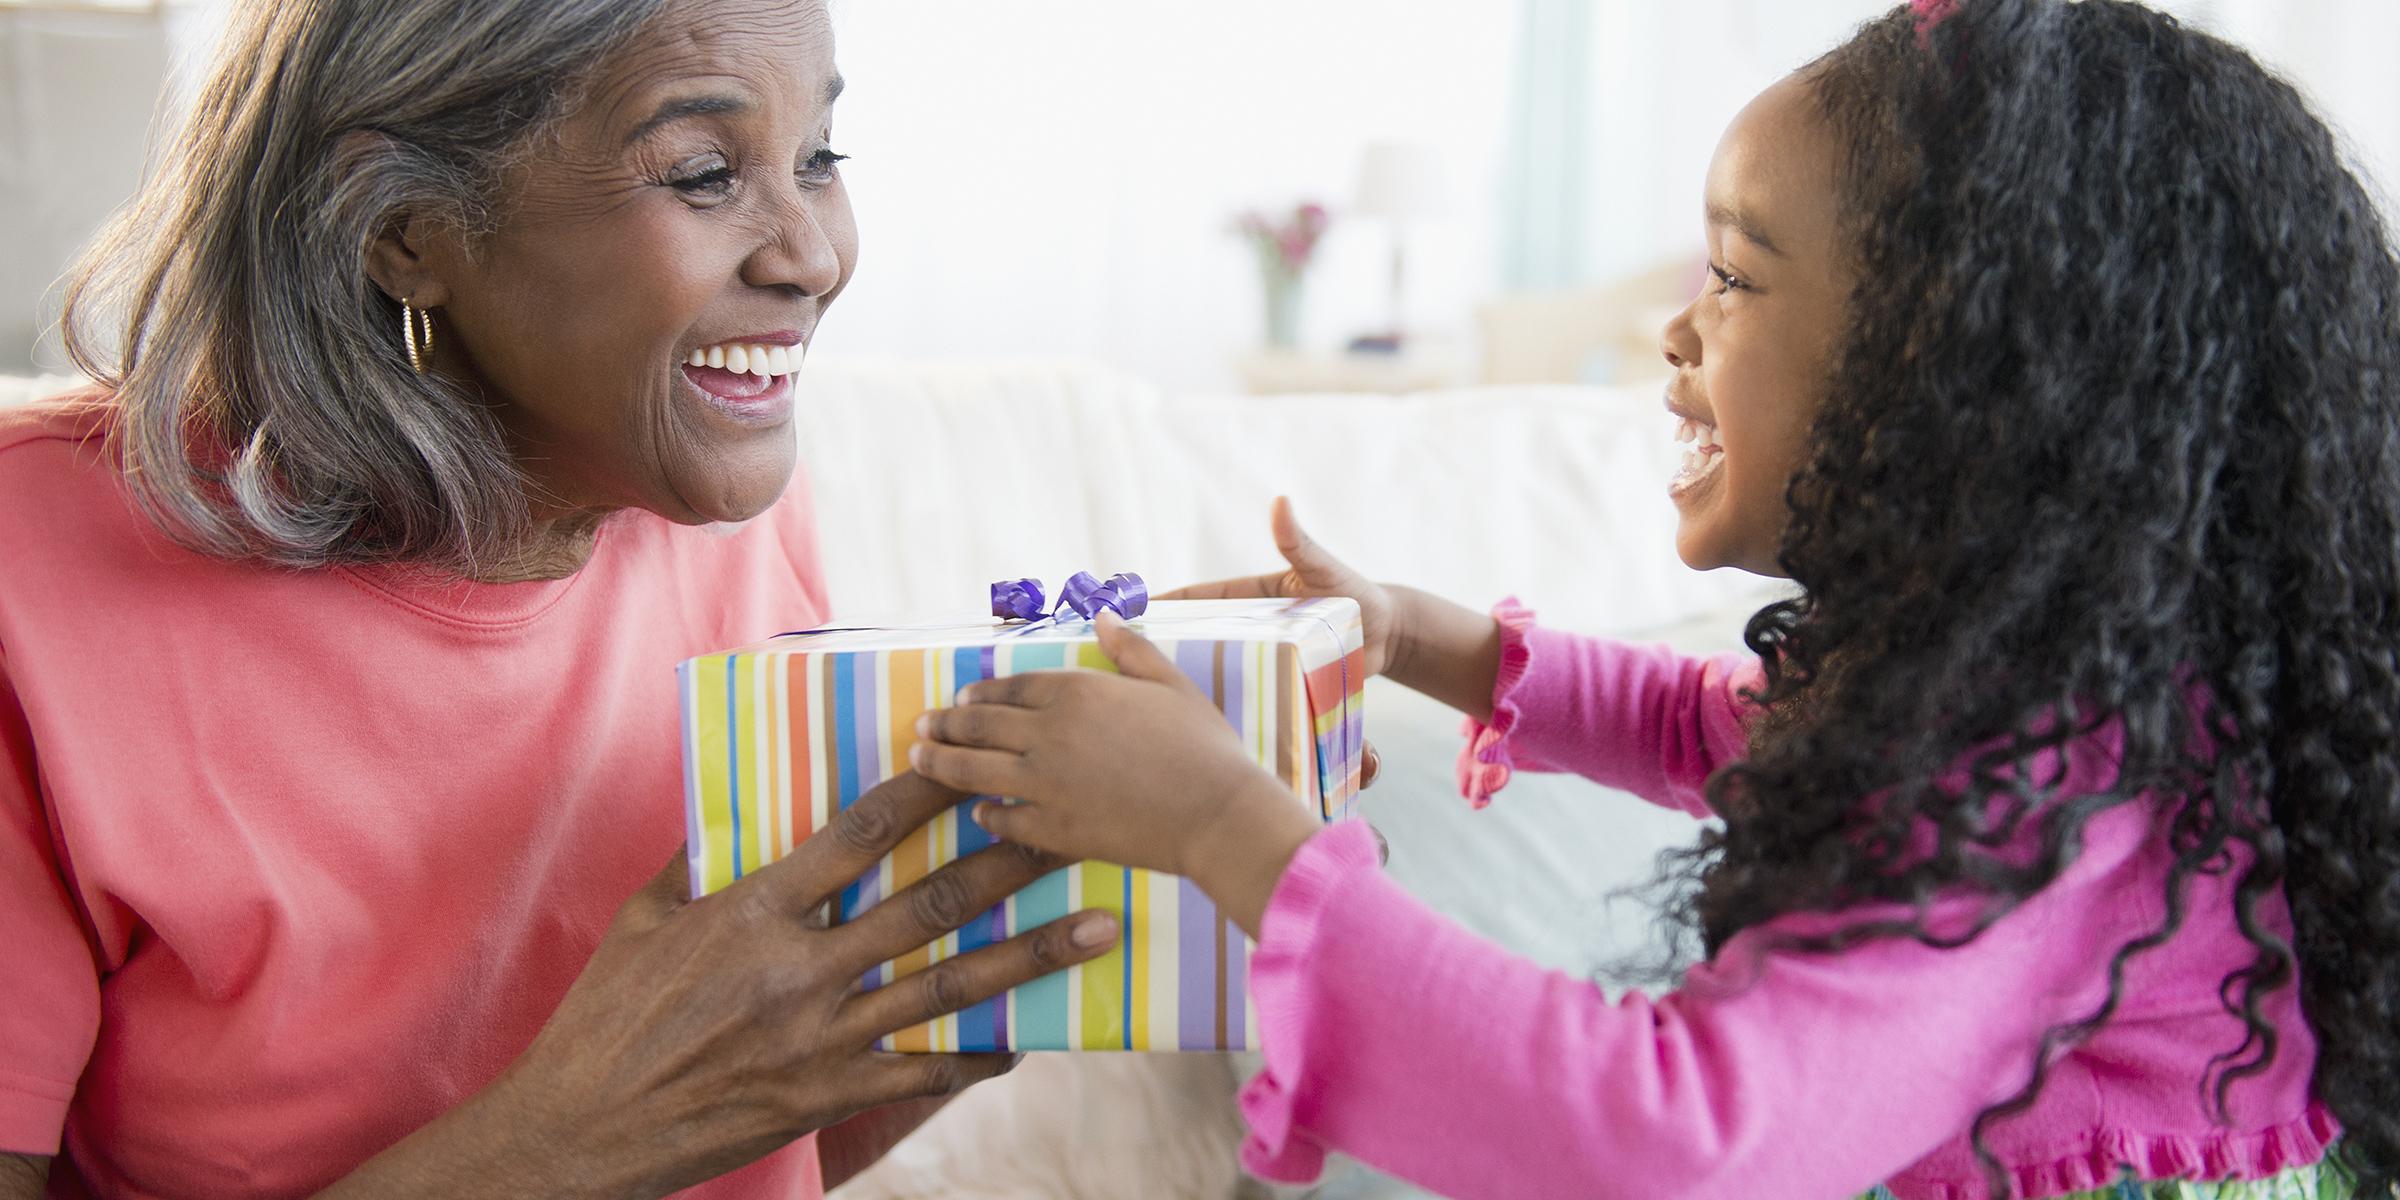 5ecb71488e3 20 unique gift ideas for Grandma